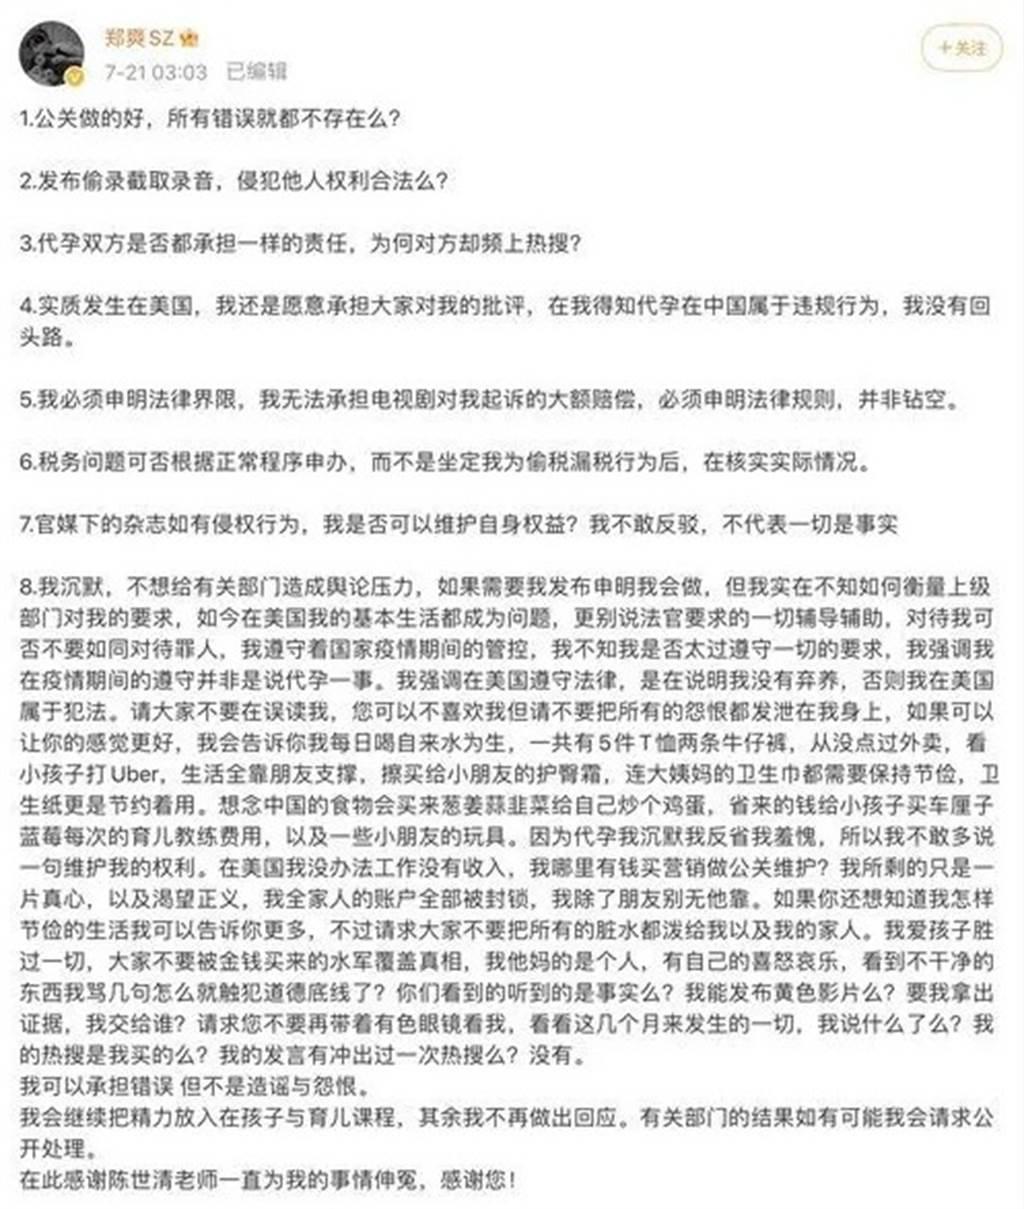 鄭爽微博全文。(圖/微博@鄭爽)